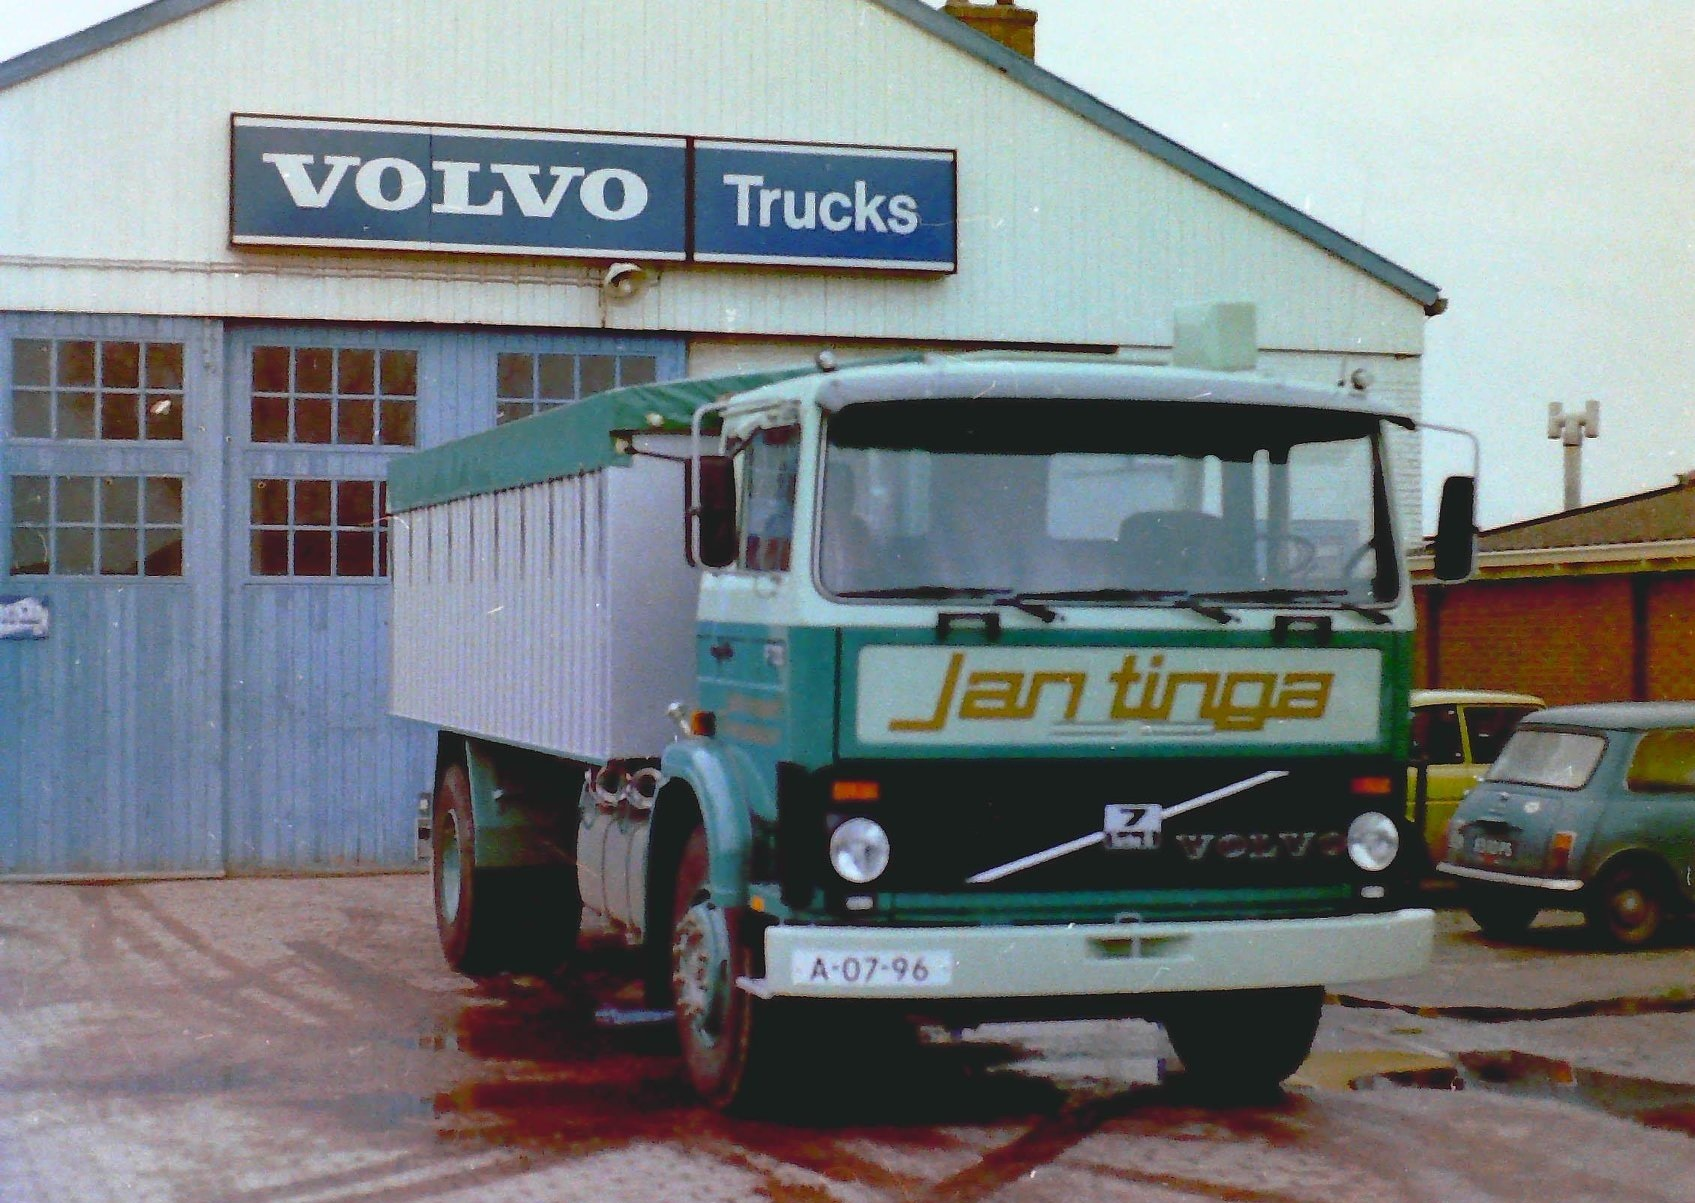 Deze-bulkauto-is-gebouwd-door-Rondaan-voor-JanTinga-1